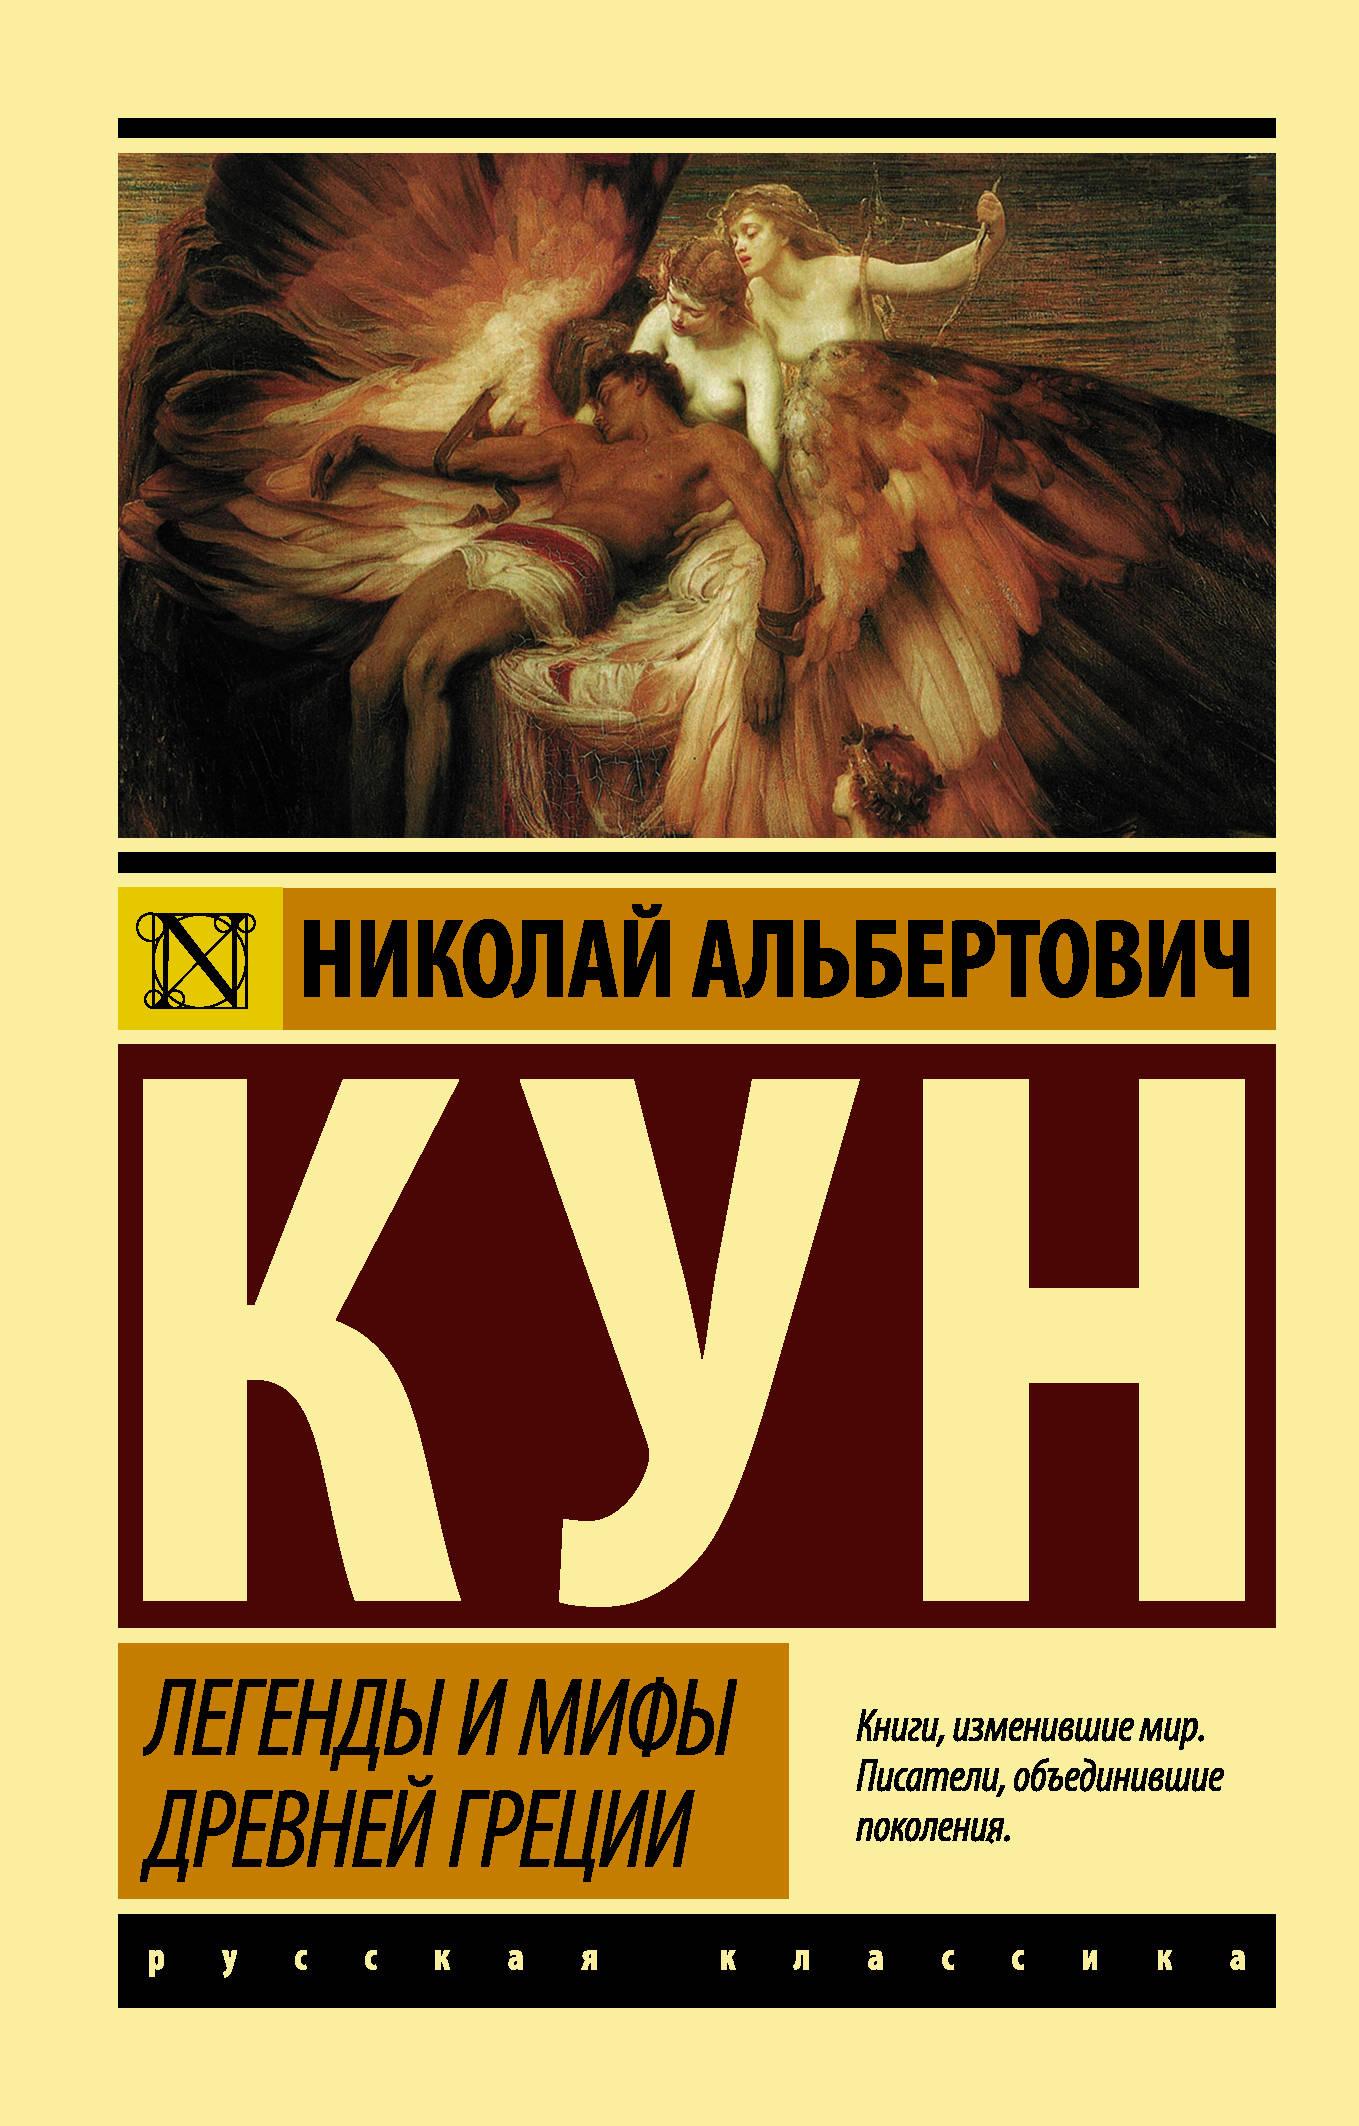 Автор книги легенды и мифы древней греции